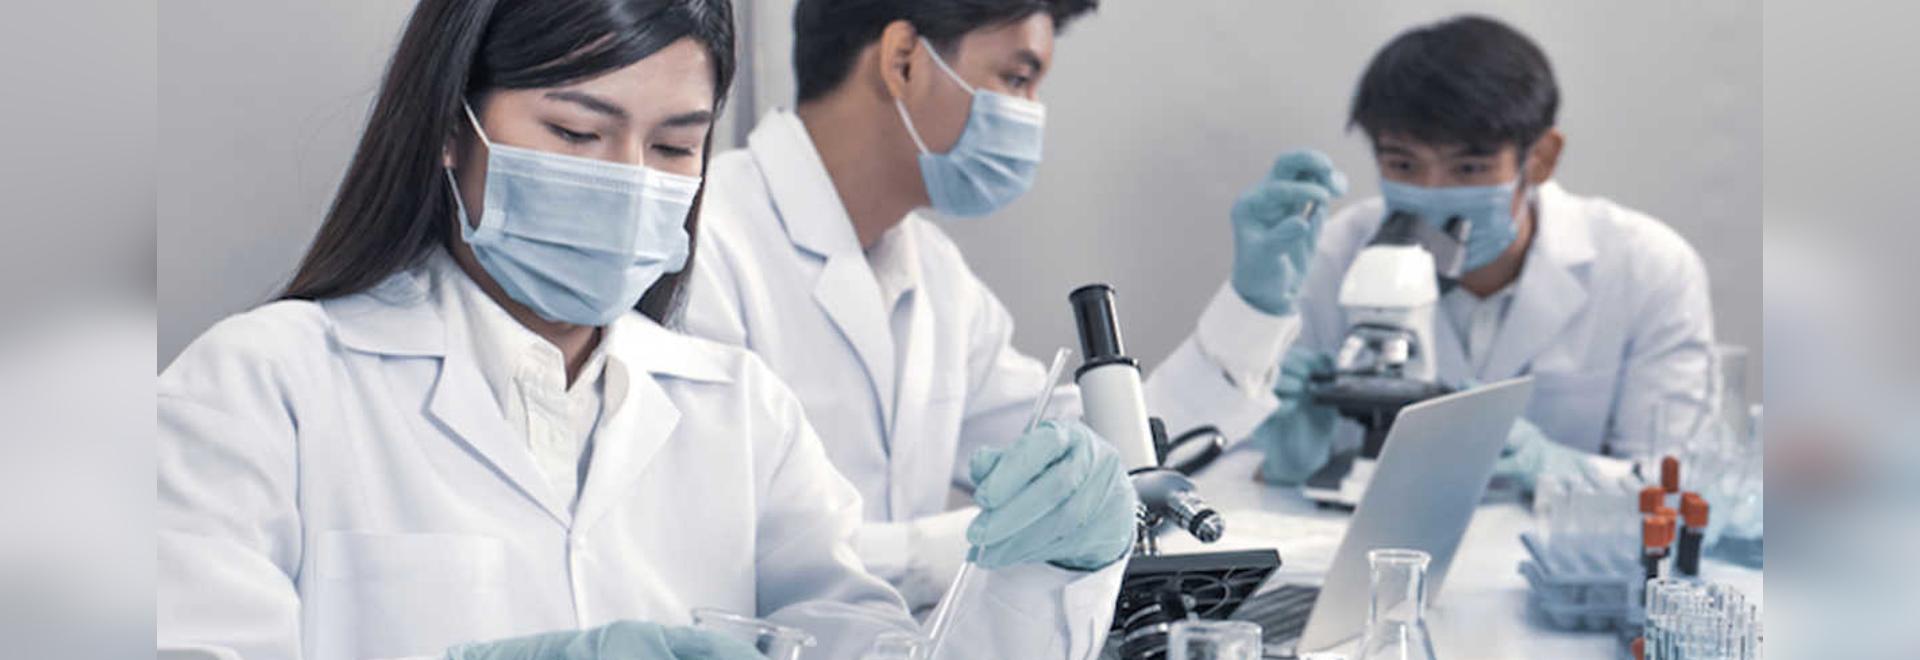 Eine Forschergruppe hat die Bedeutung von genetischen Unterschieden und der Beschaffenheit des eigenen oralen Mikrobioms für die Entstehung von Parodontitis untersucht. (Bild: NassornSnitwong/Shutt...